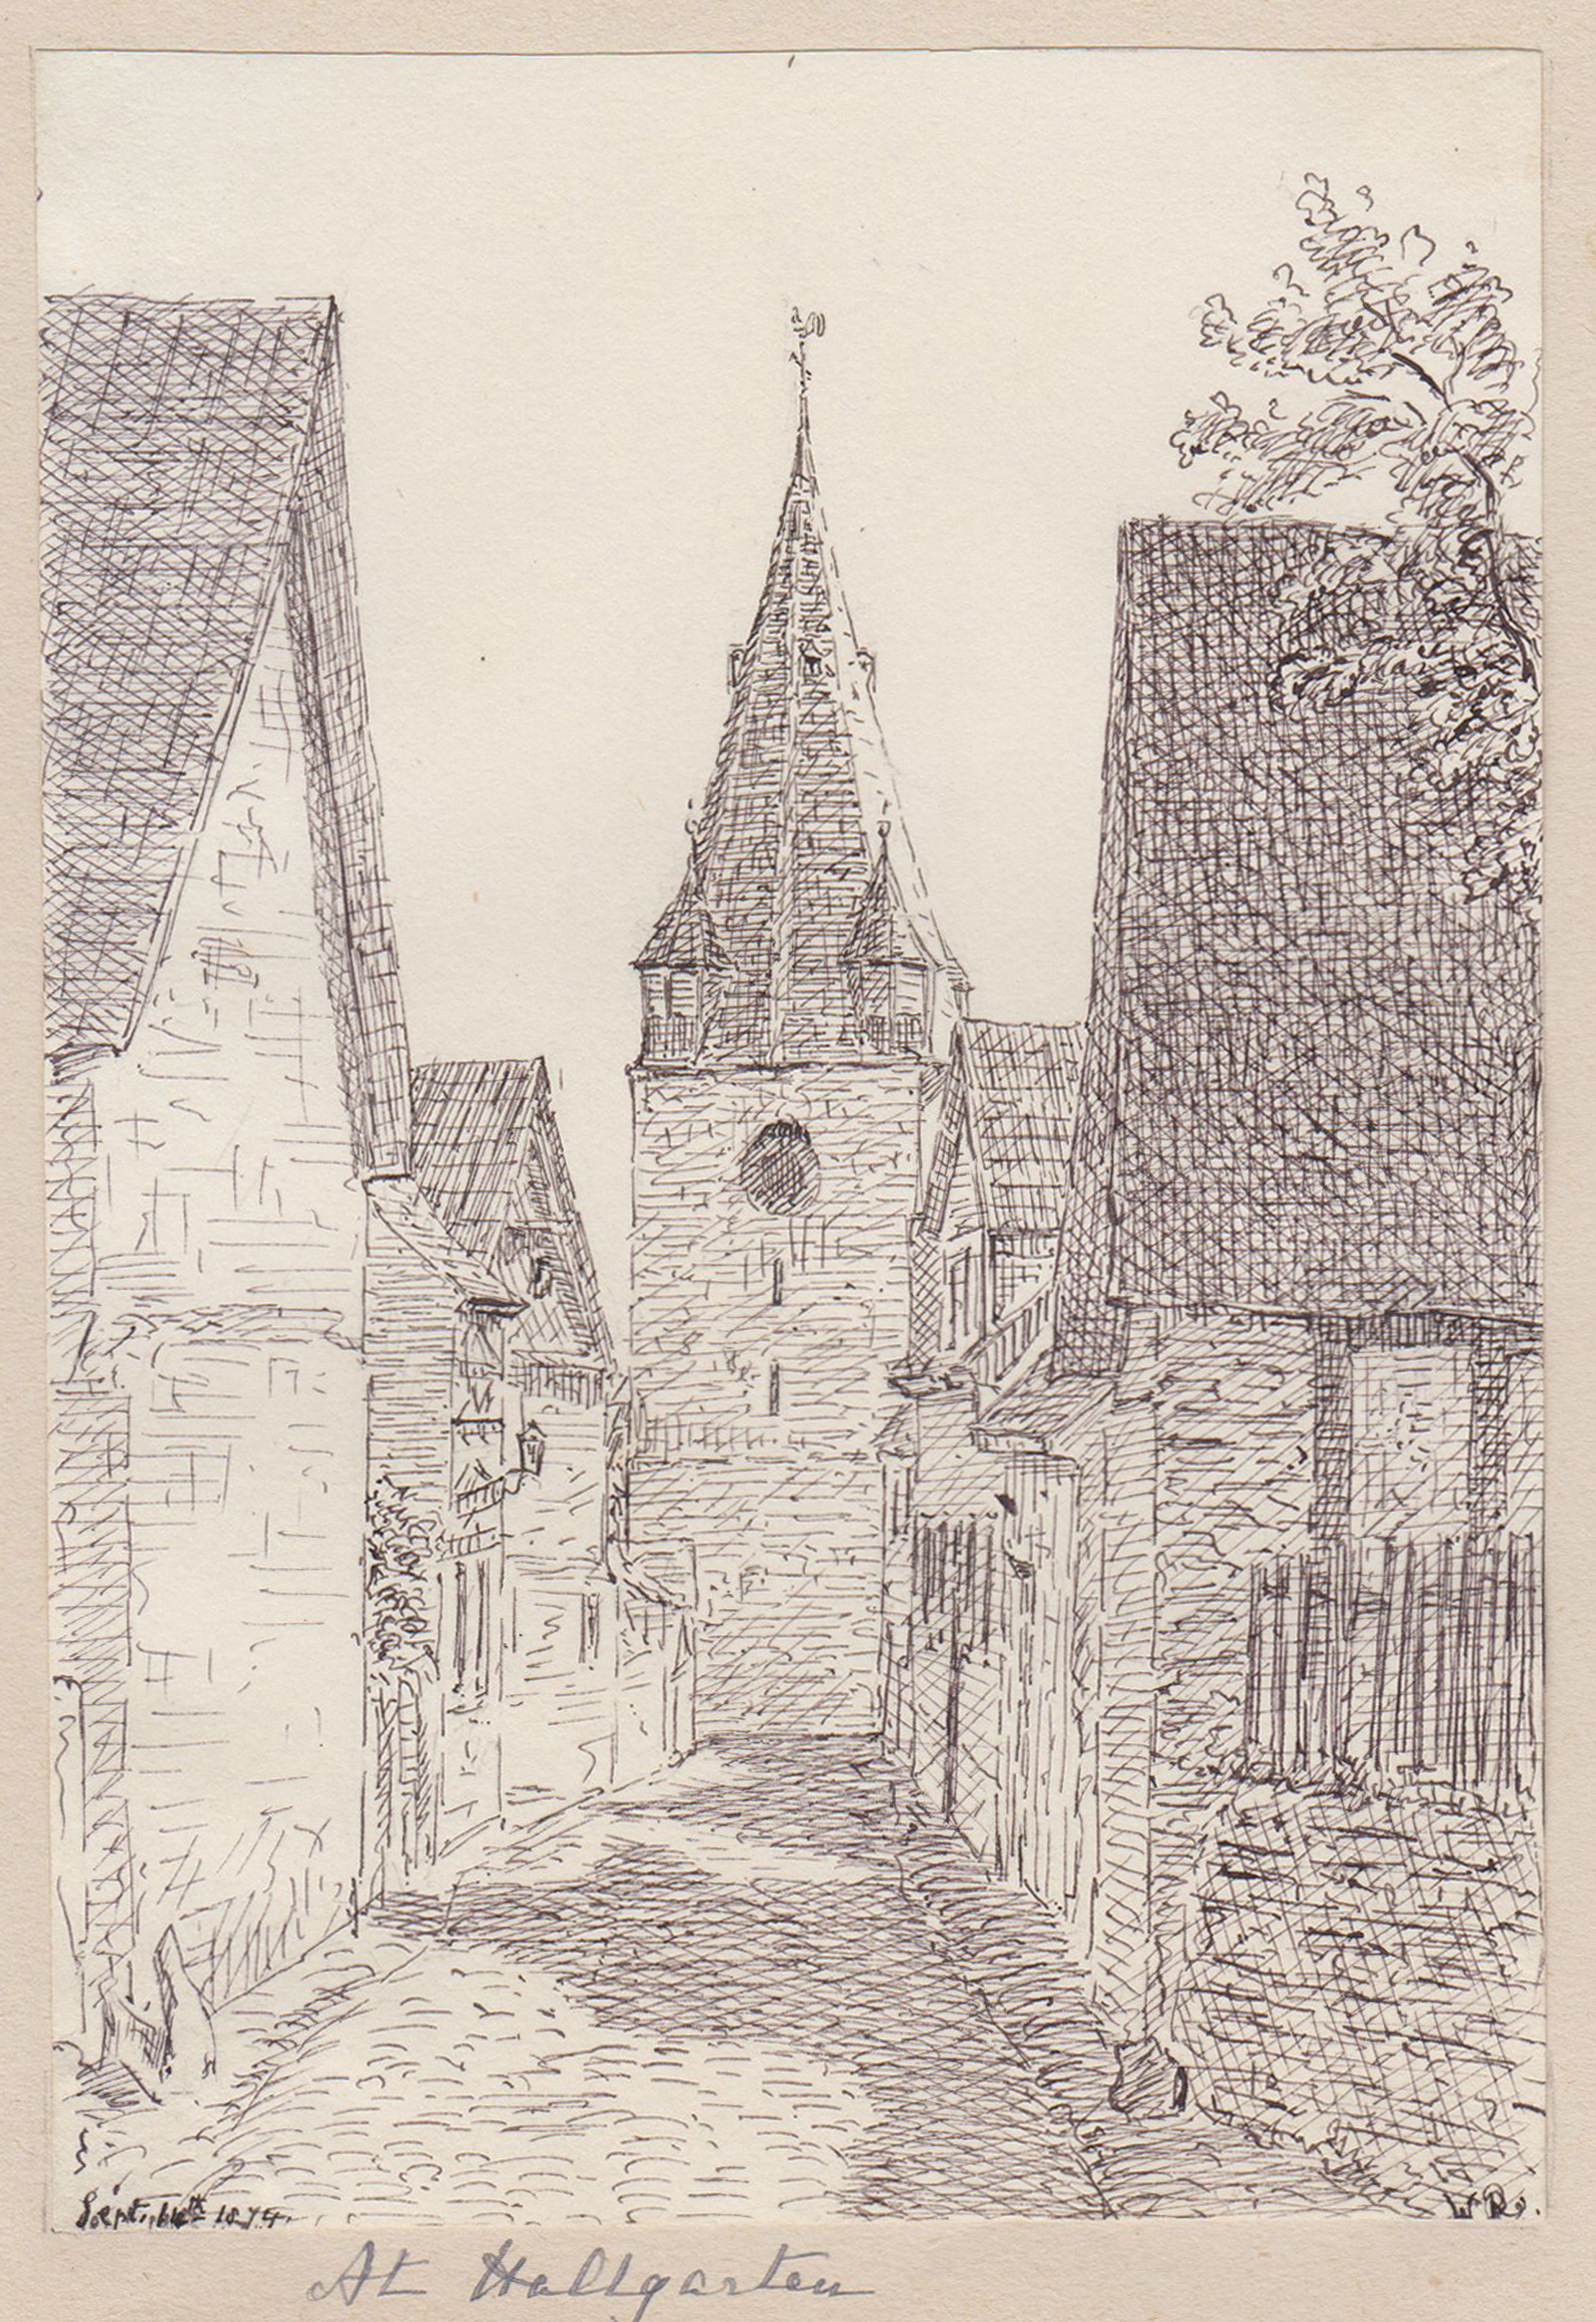 TA., Gasse mit Kirche.: Oestrich - Winkel: